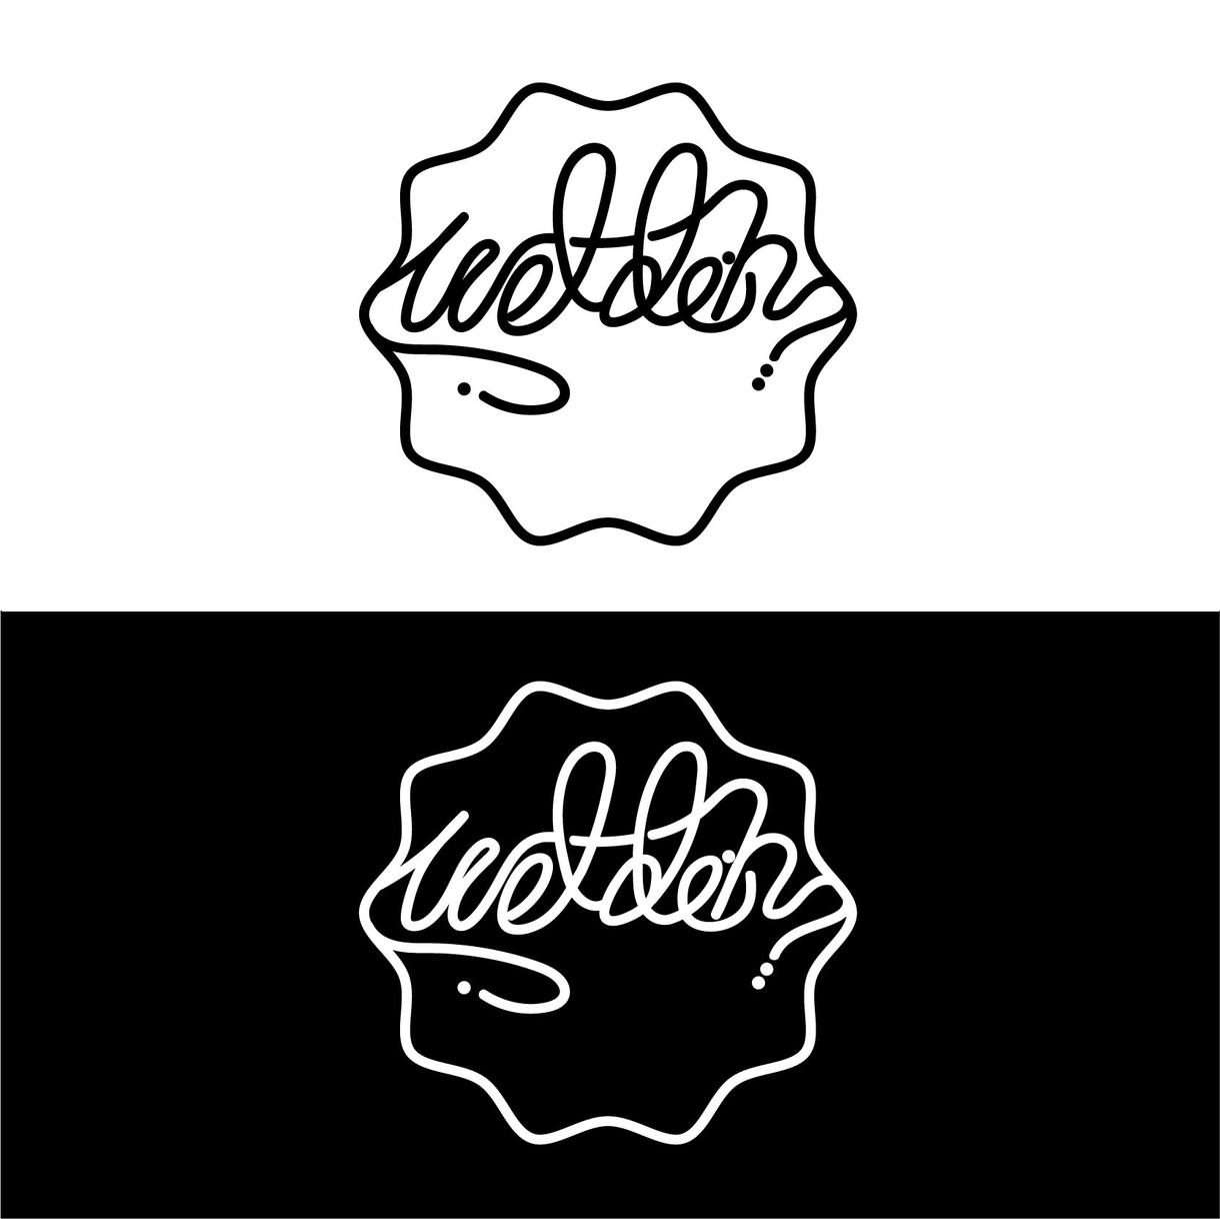 企業ロゴ・店舗ロゴを制作します 独立記念!現役のプロが先着50社限定でリーズナブルに制作!!